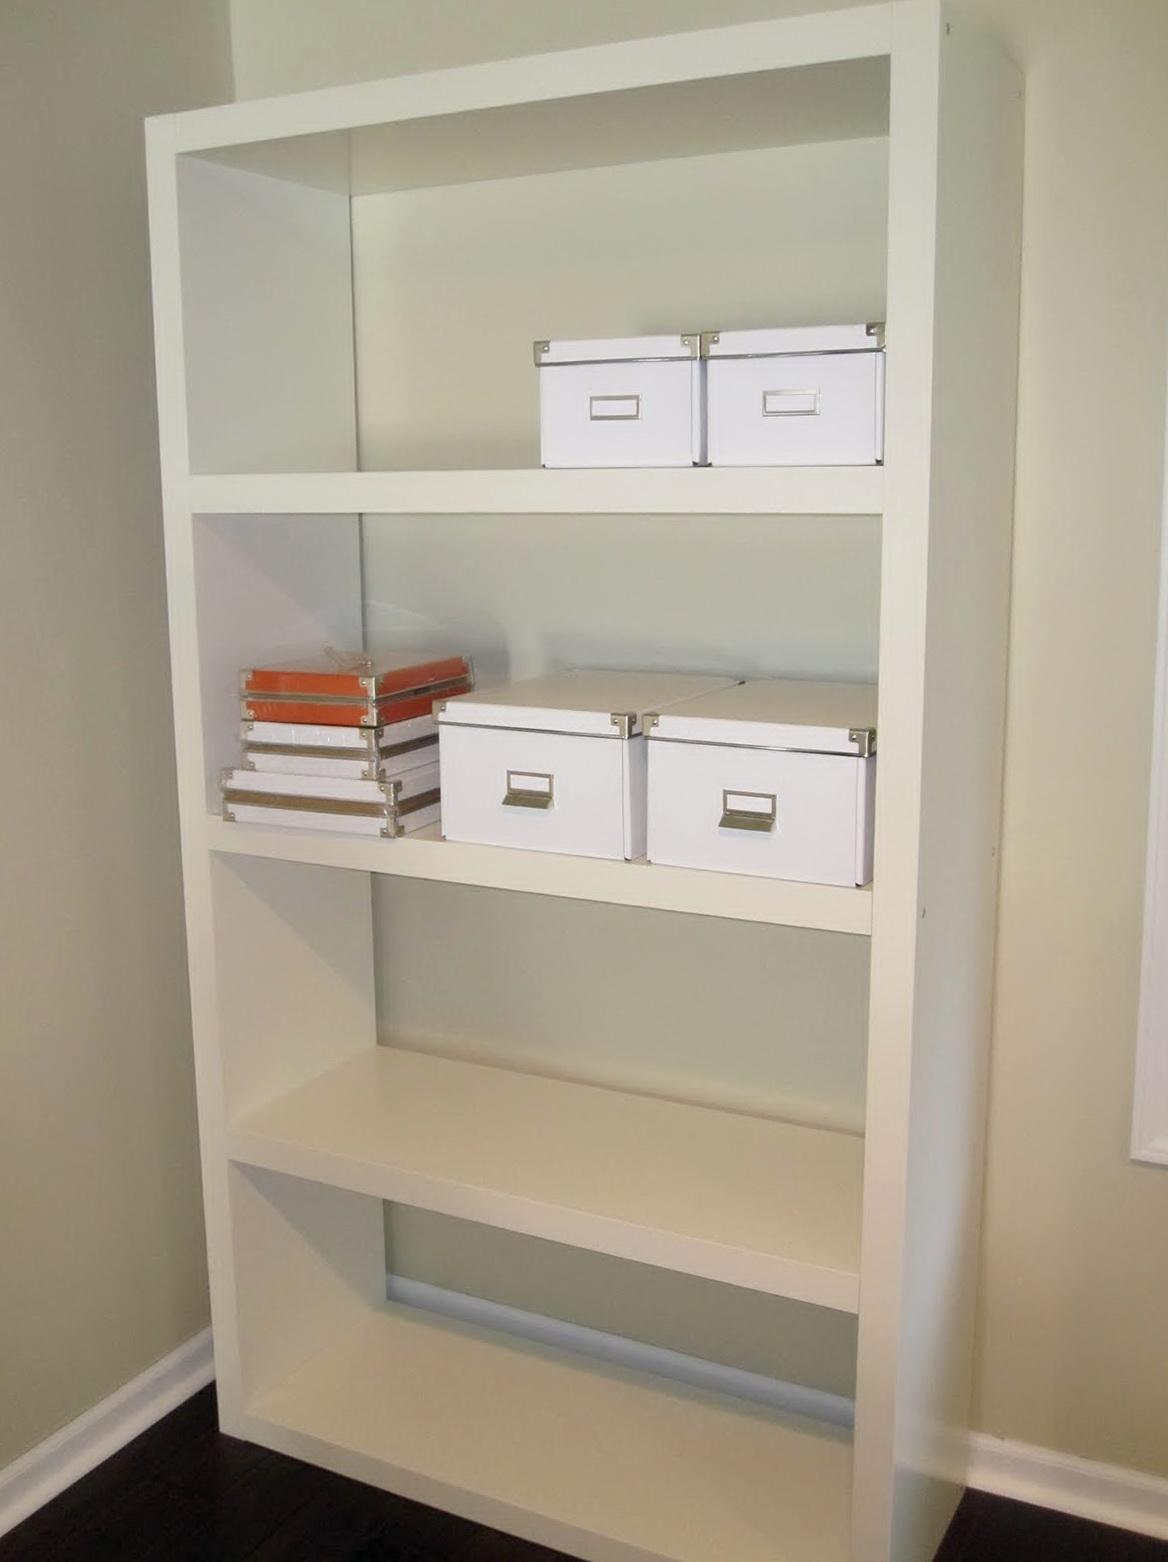 Ikea 4 Shelf Bookcase